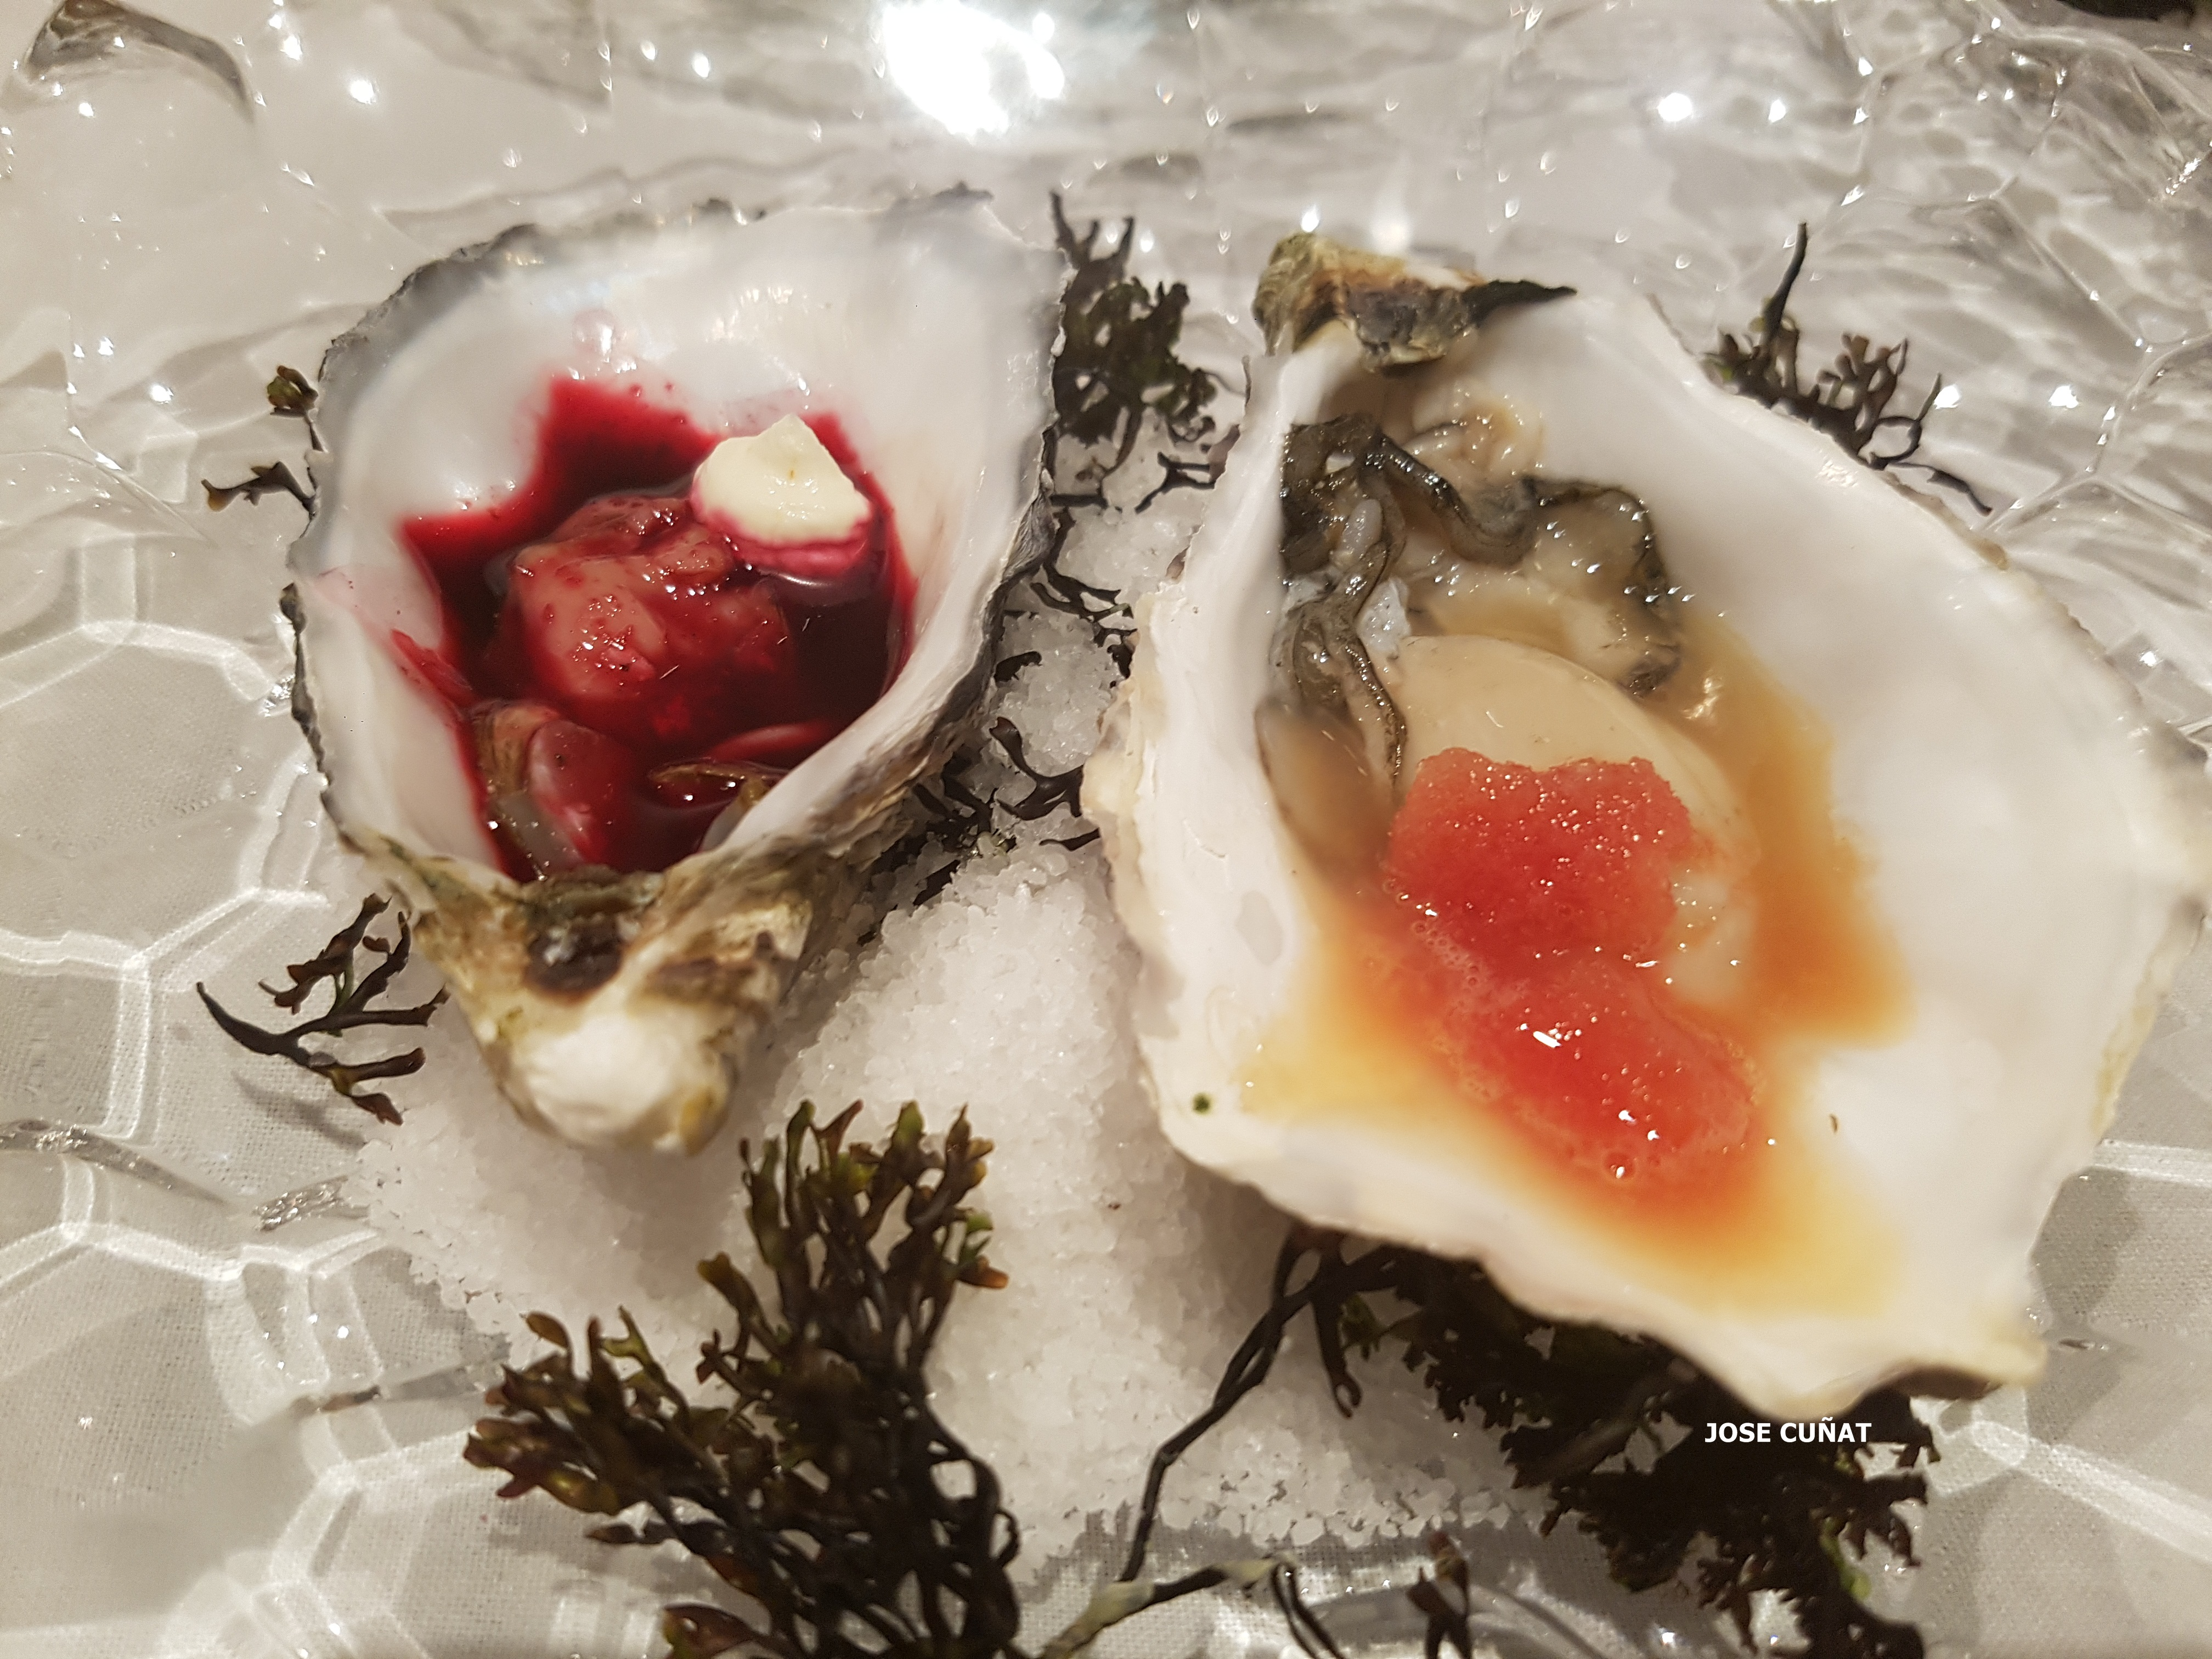 ostras-francesas-con-escabeche-de-agua-de-valencia-texturizado-y-un-granizado-de-naranjas-sanguinas-y-ostra-nordica-con-agua-de-remolacha-ahumada-con-crema-de-avella